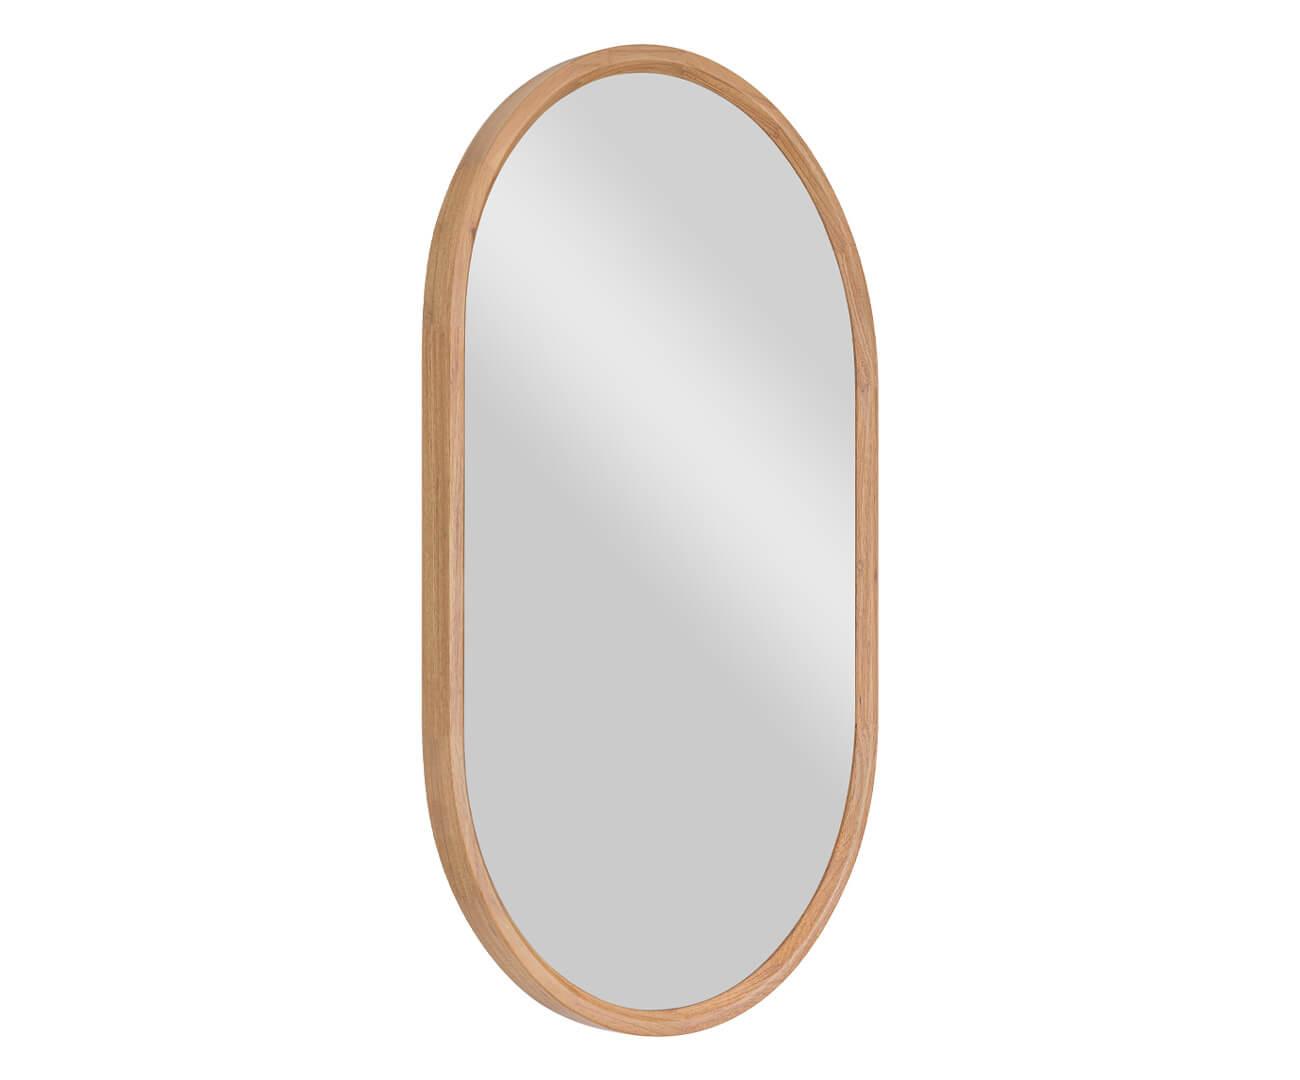 espelho oval em madeira oslo 1346